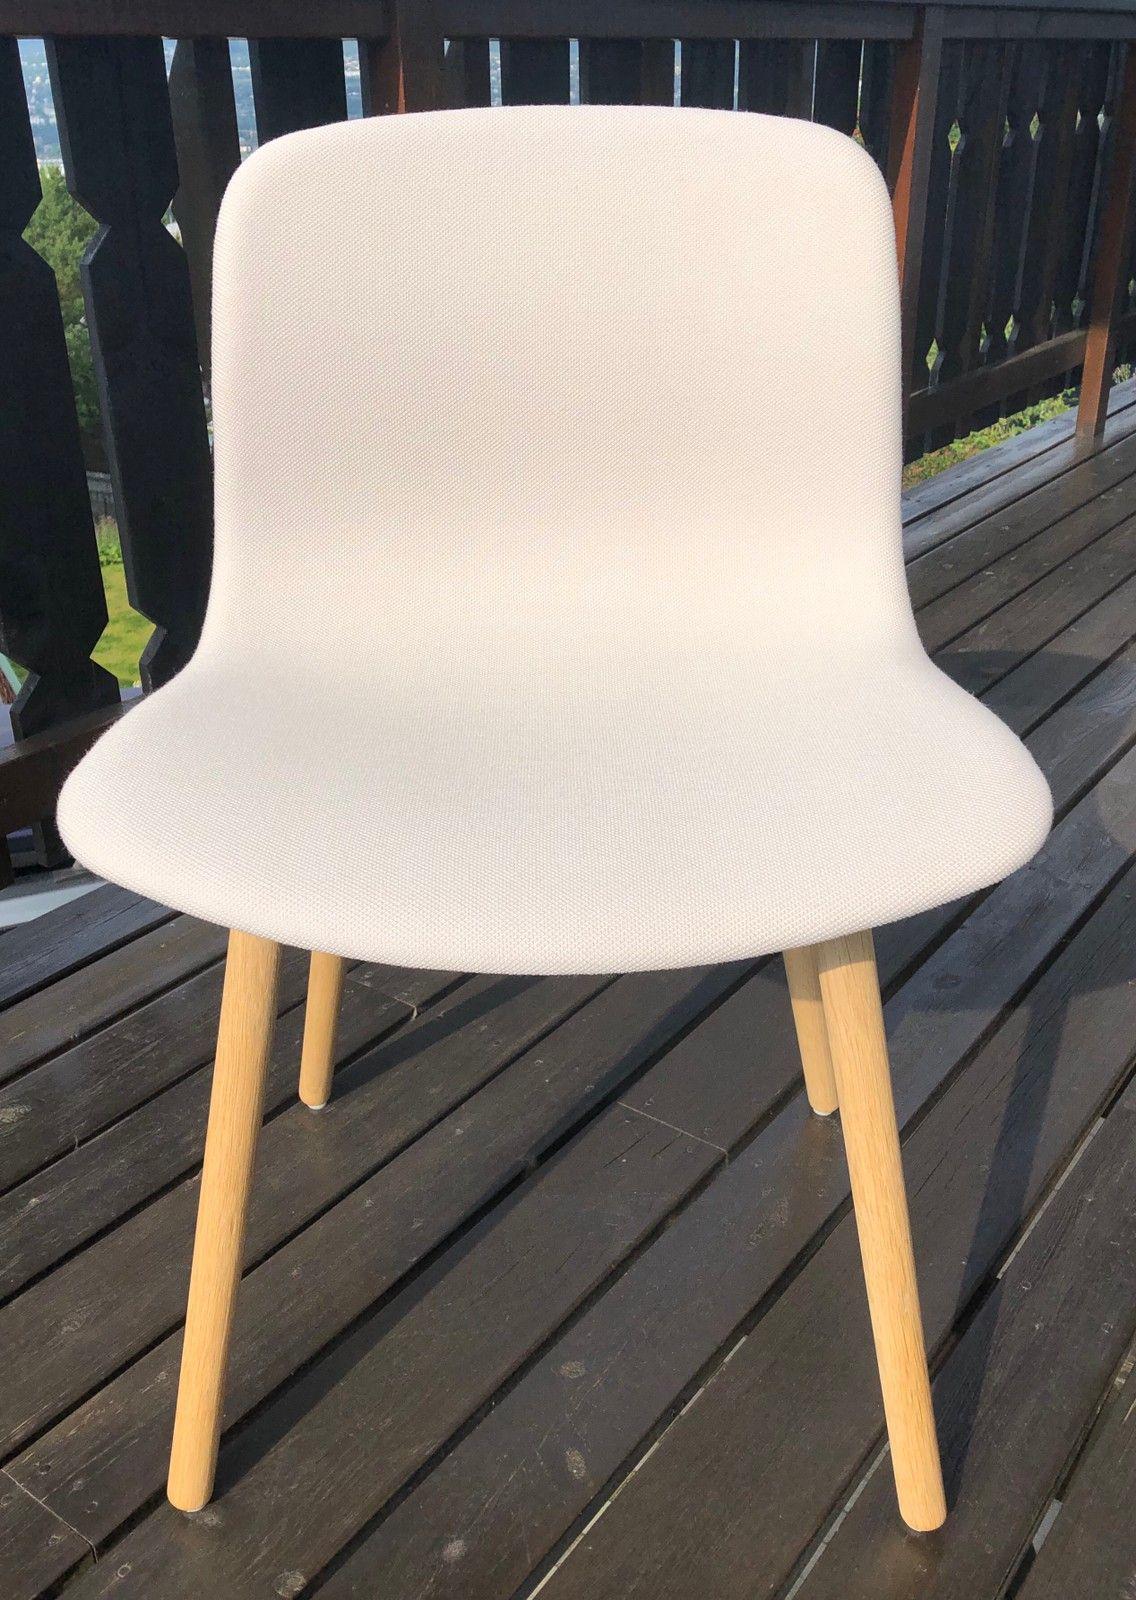 NYTT! Polstret HAY Neu 12 stol i naturhvit tekstil | FINN.no